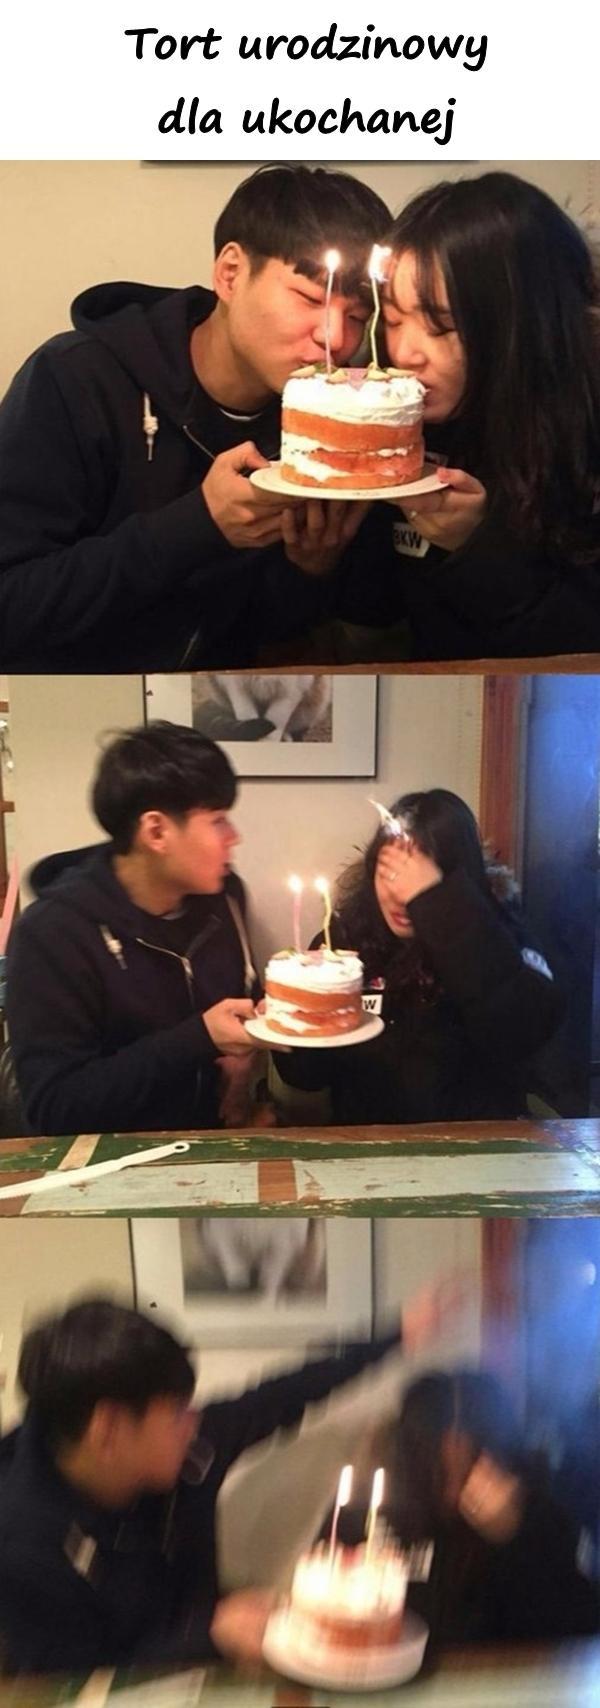 Tort urodzinowy dla ukochanej